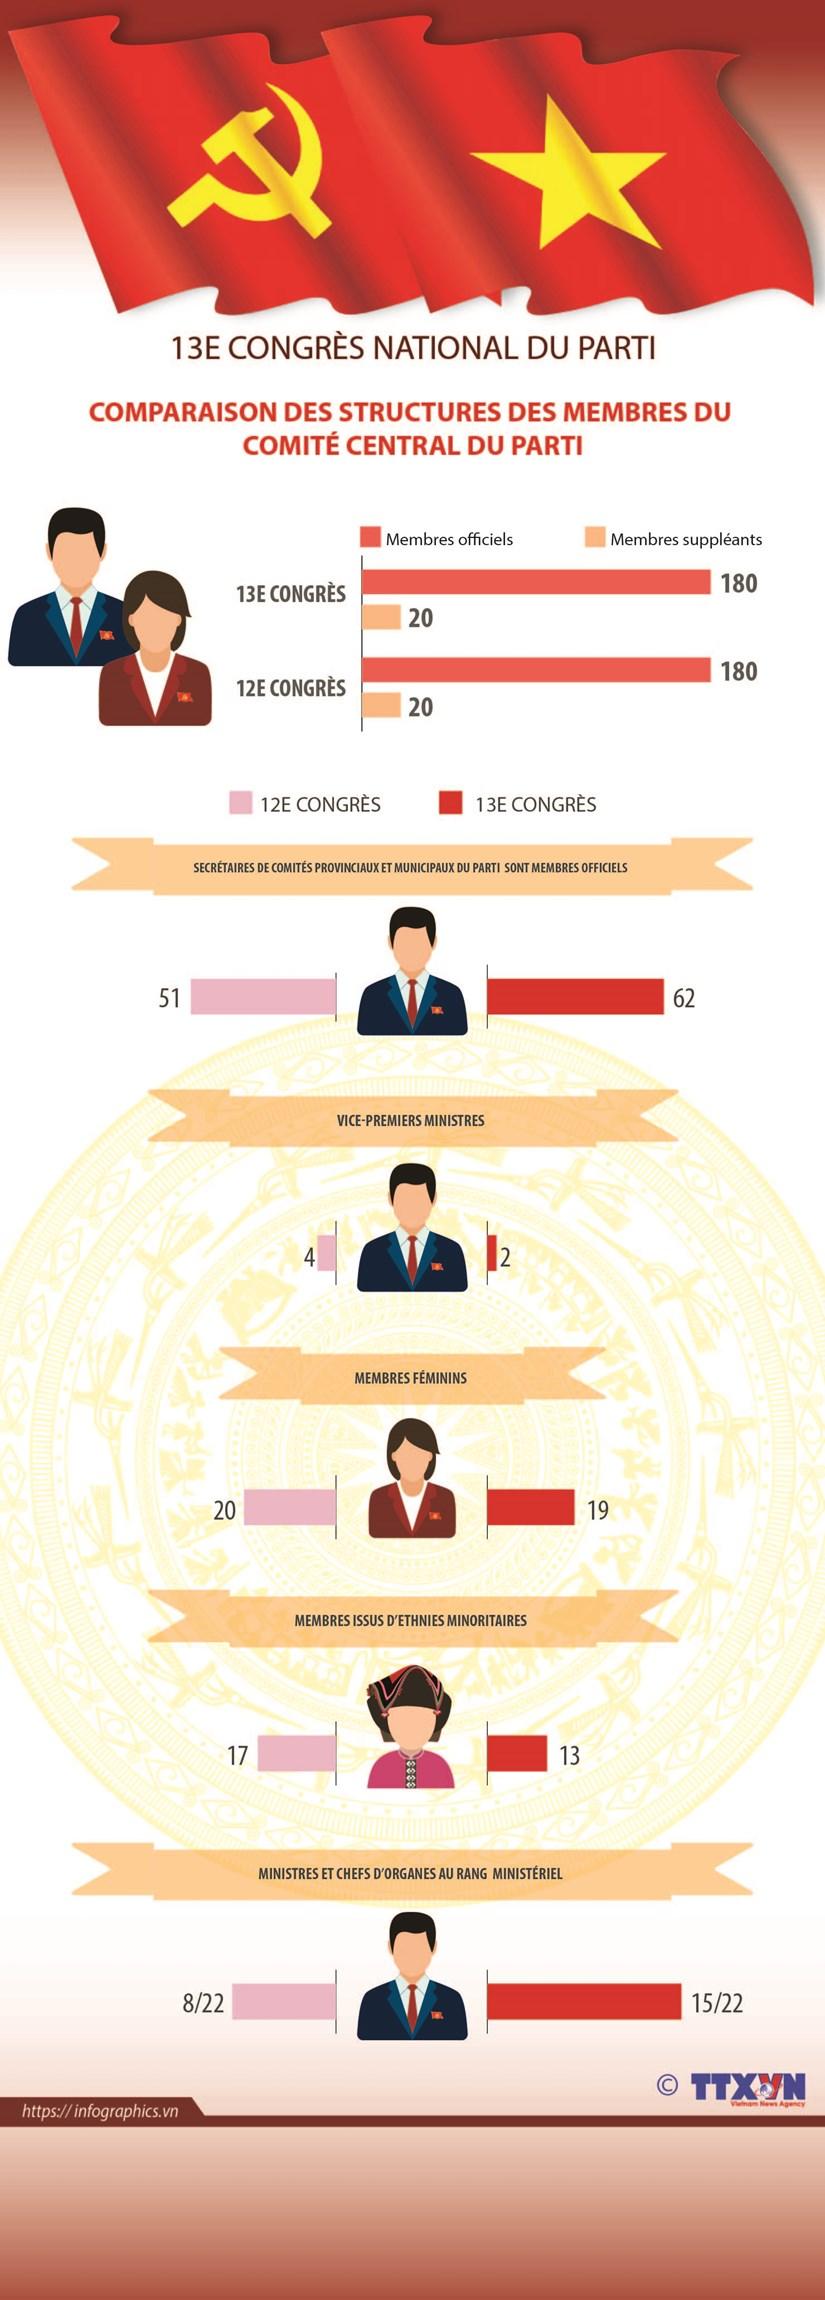 13e Congres du Parti: Comparaison des structures des membres du Comite central du Parti hinh anh 1